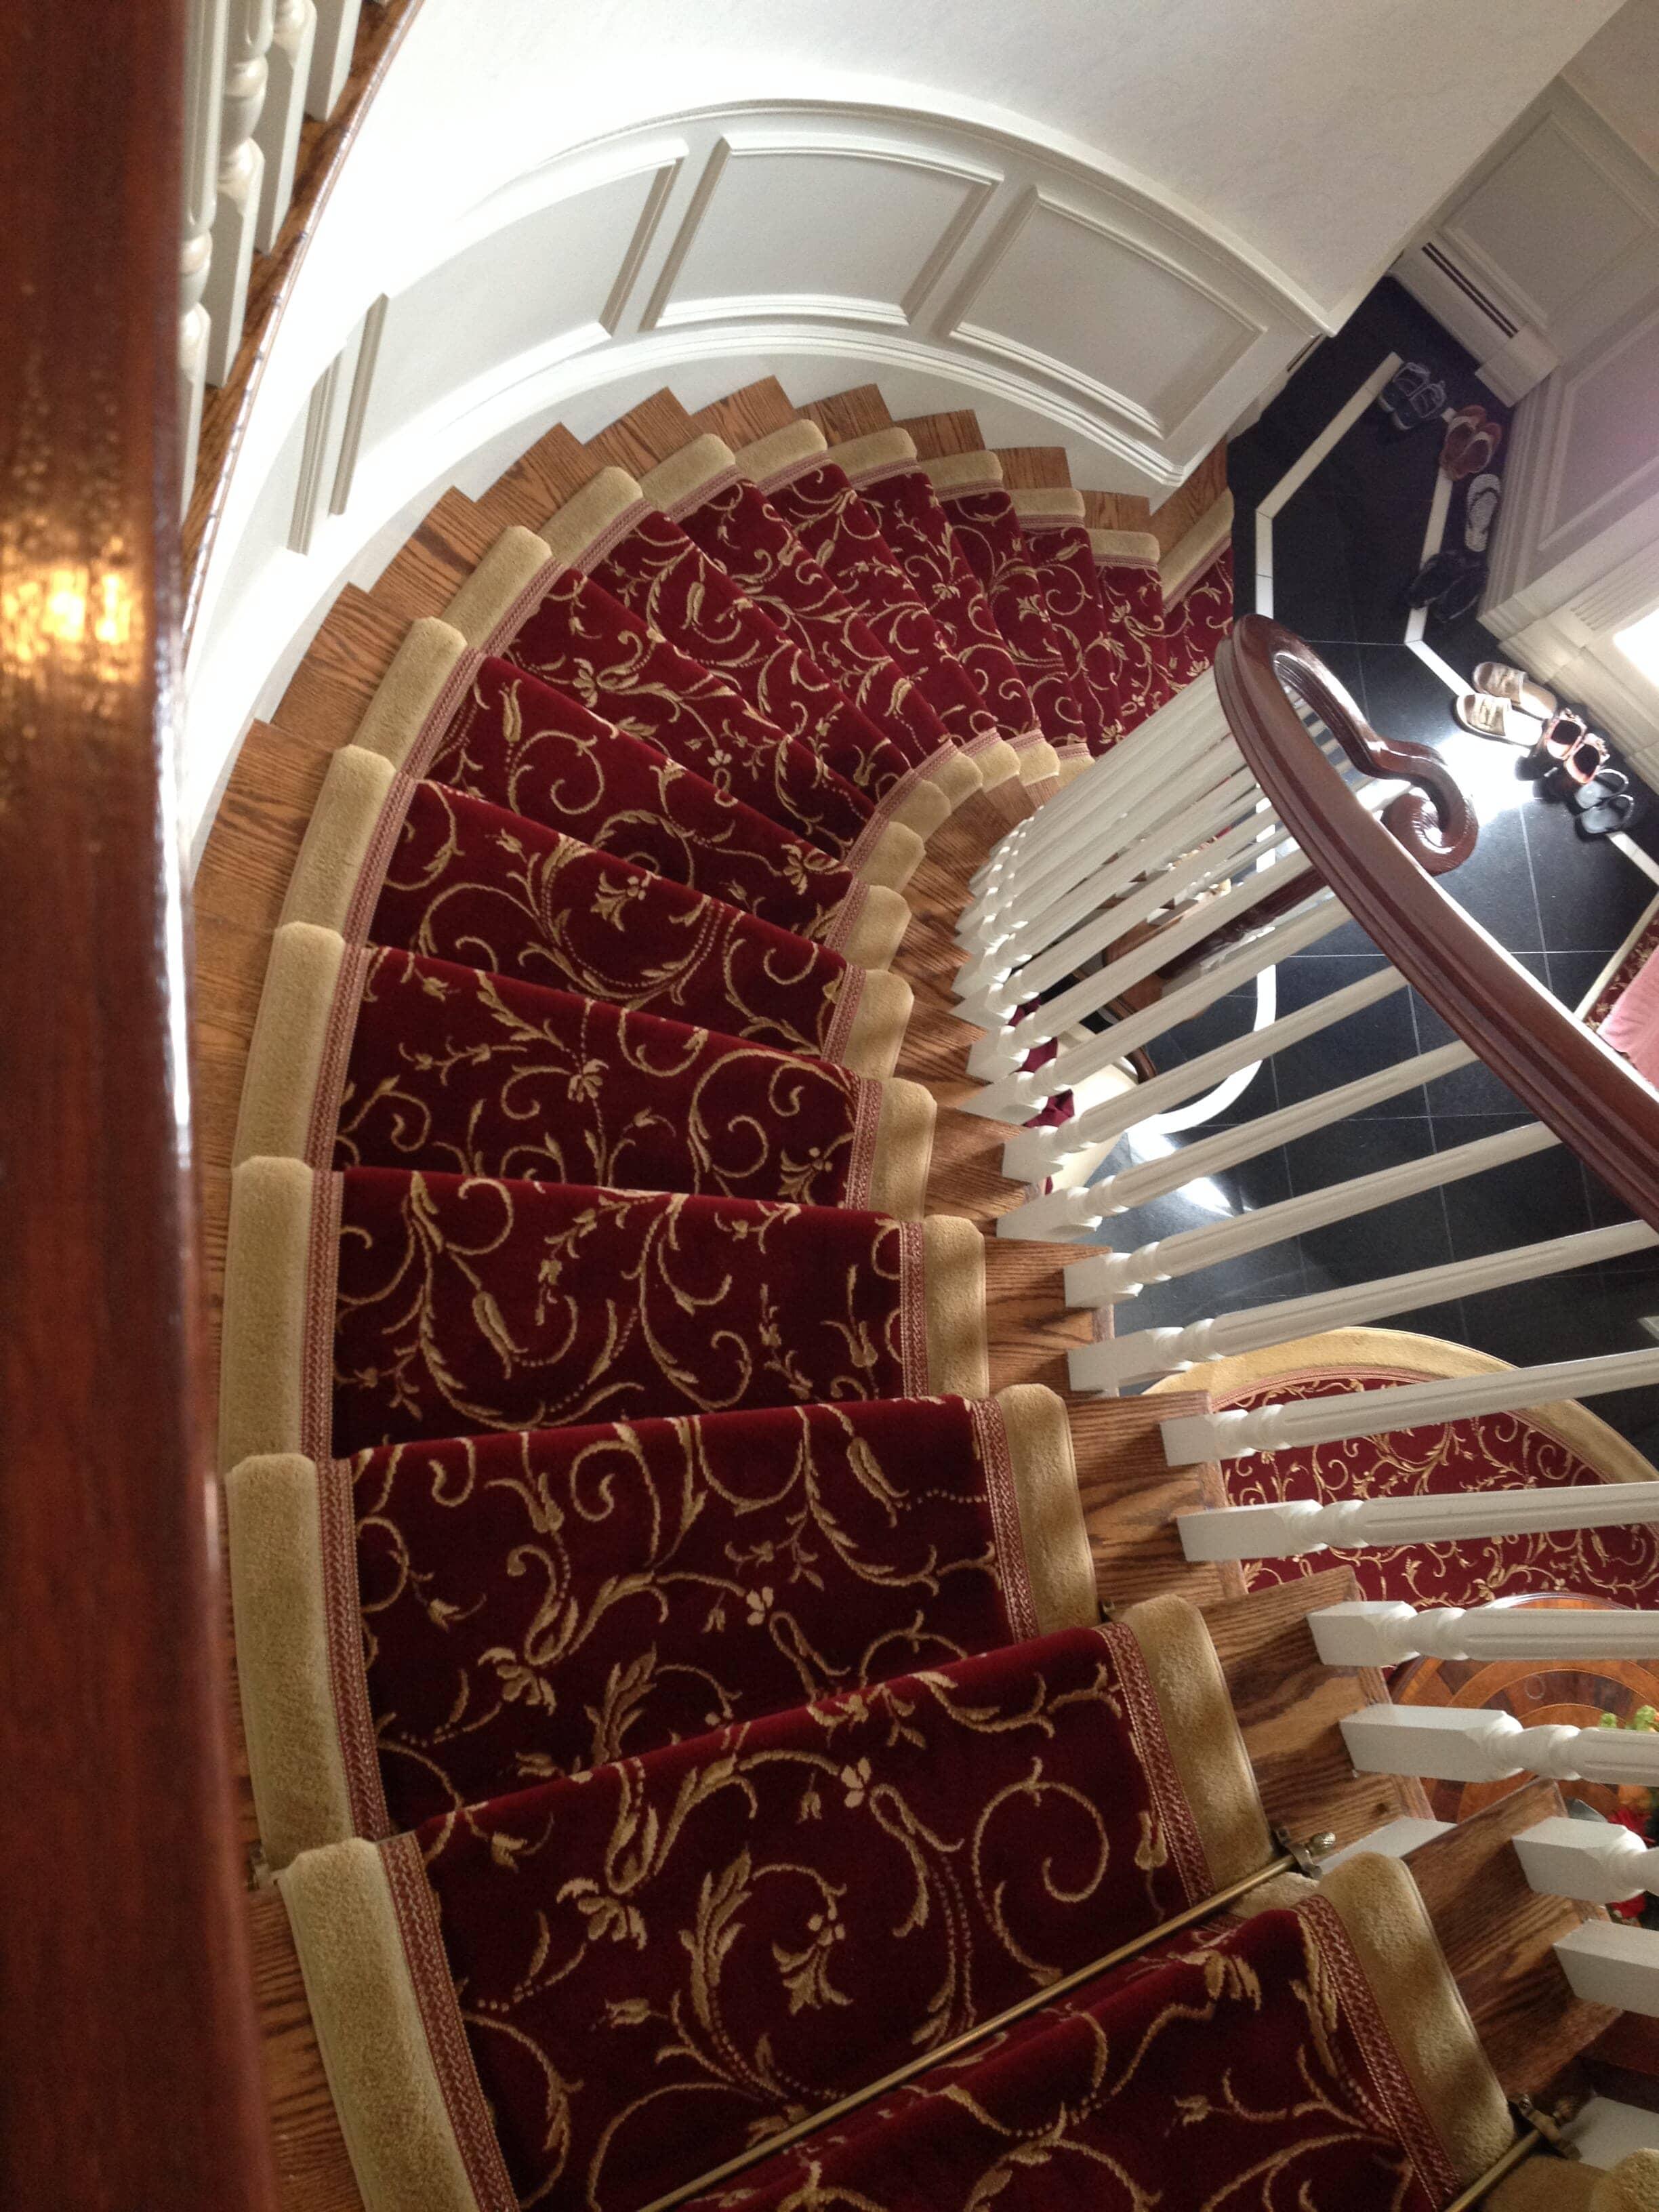 Custom Hallway & Stair Runners in Mahwah, NJ from G. Fried Flooring & Design